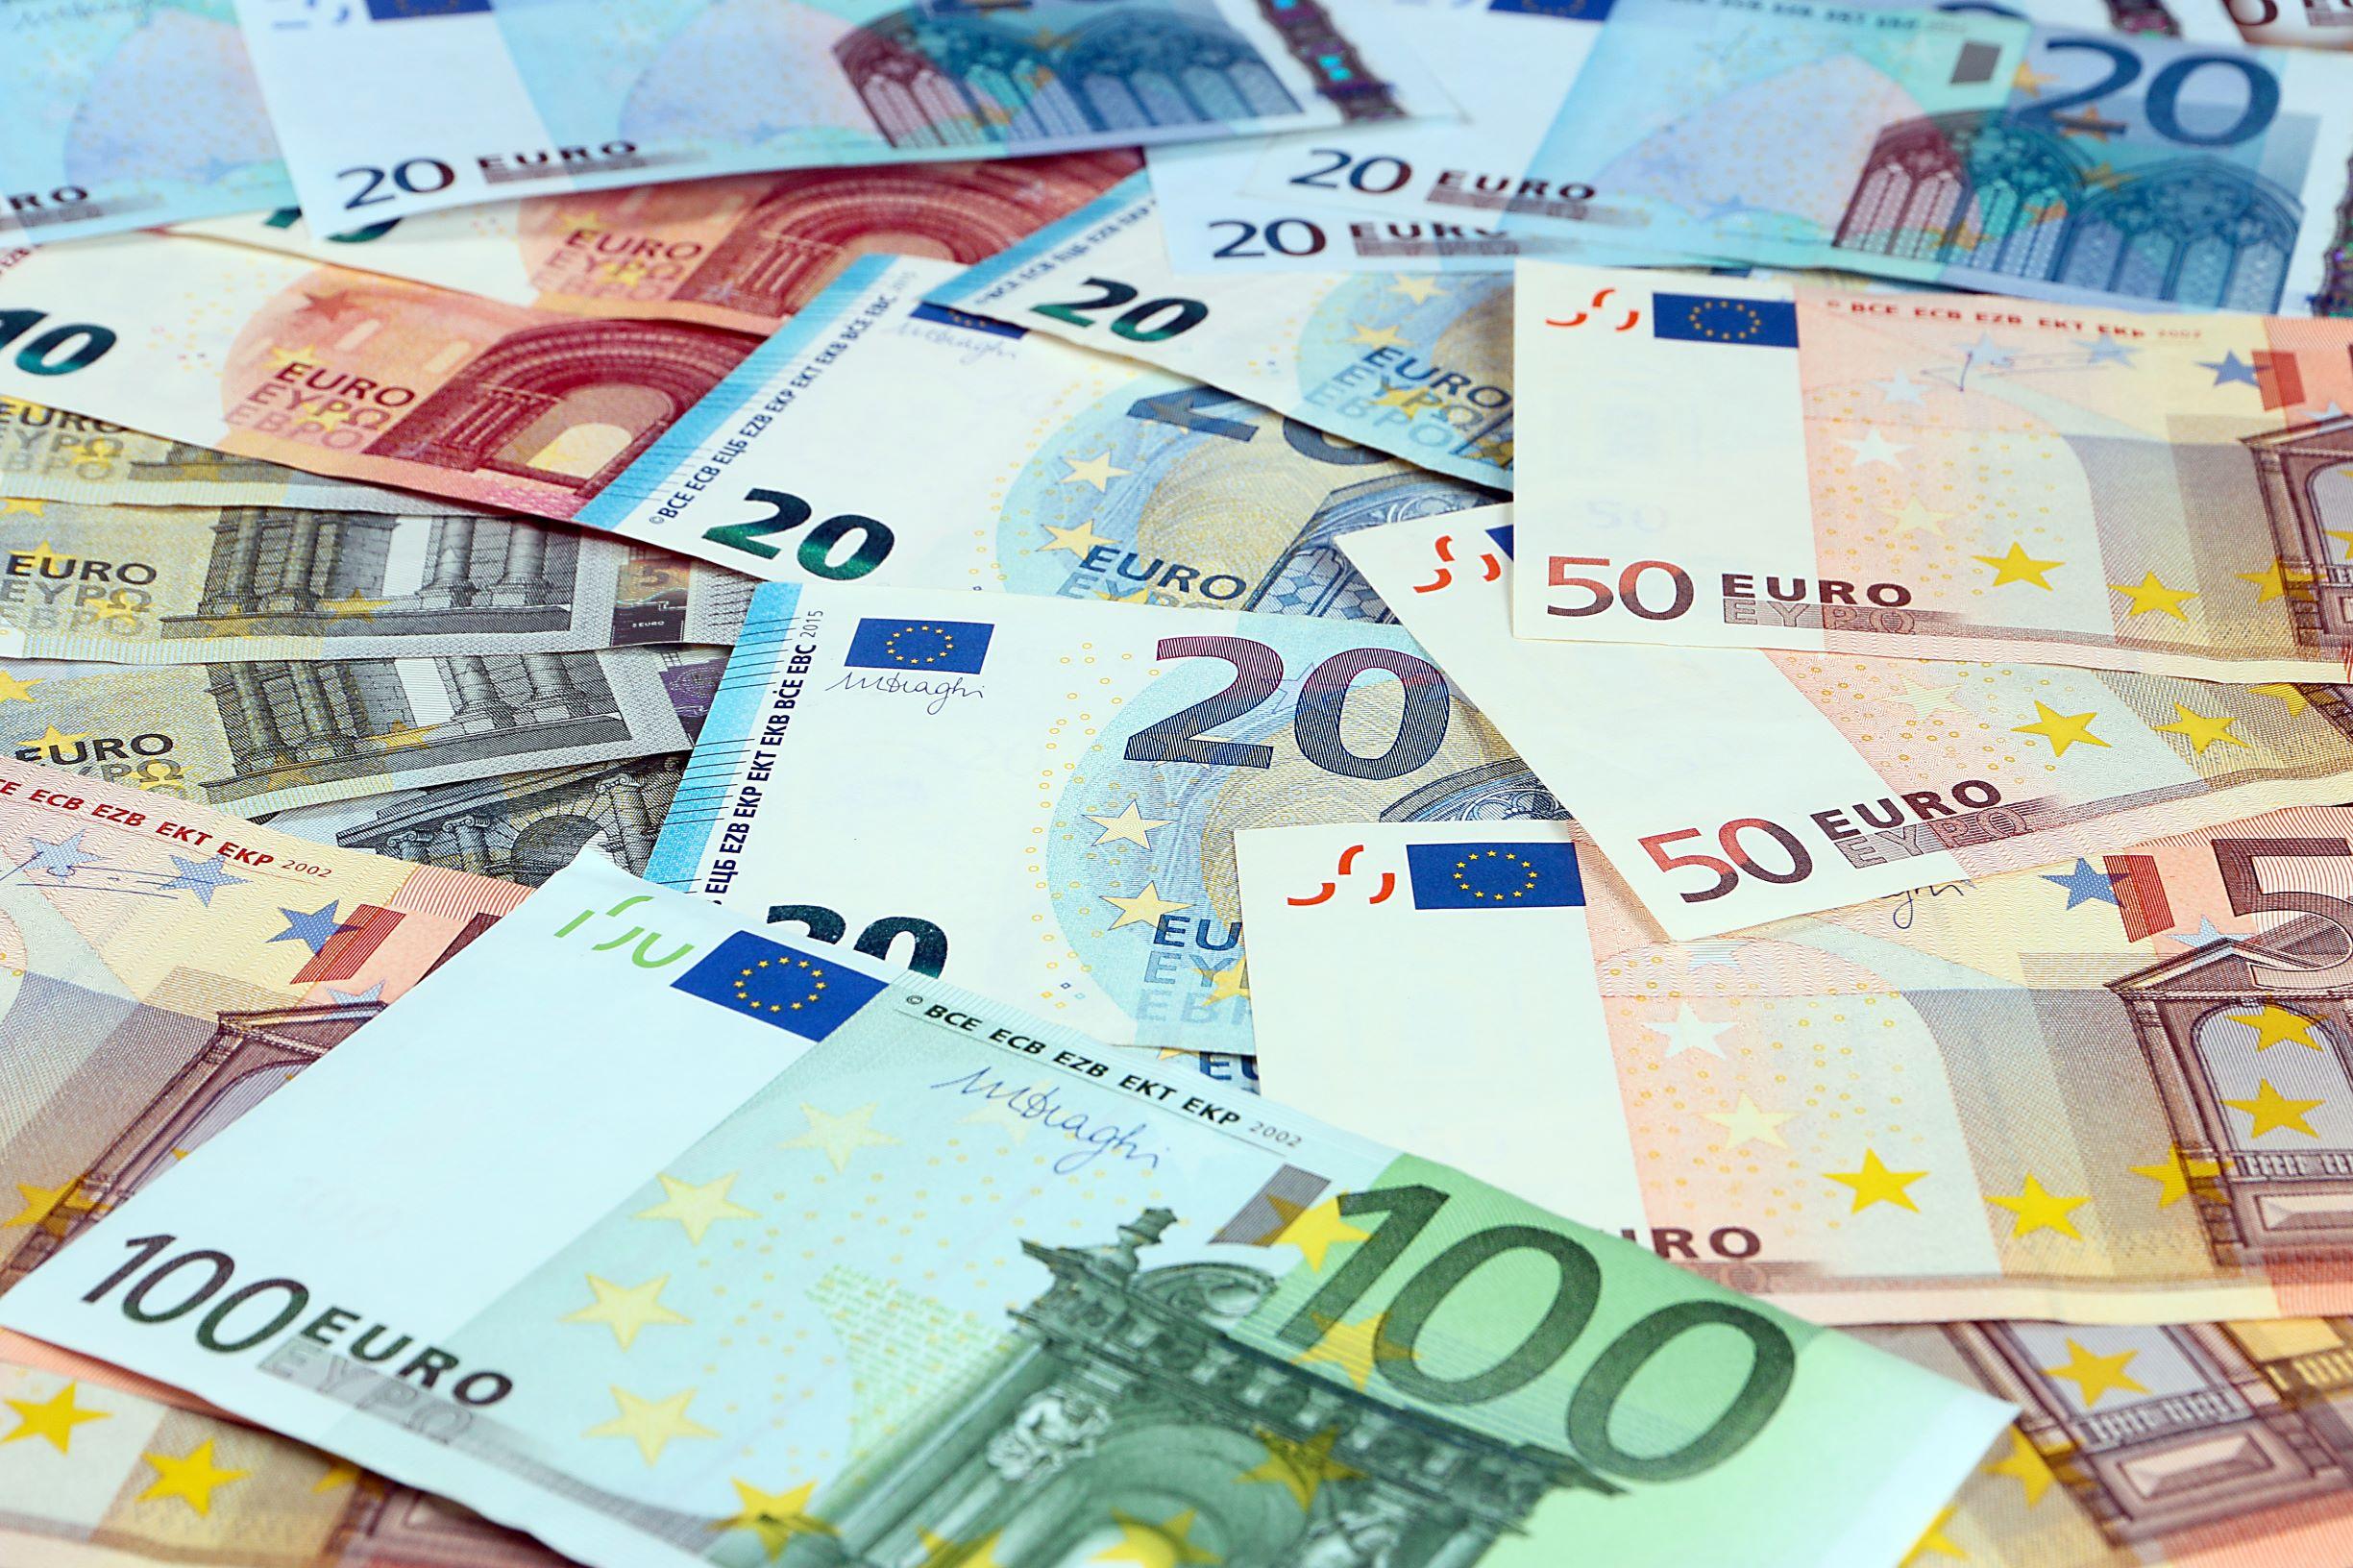 NAVAP en de financiële impact van het sectoraal akkoord (M4.1)